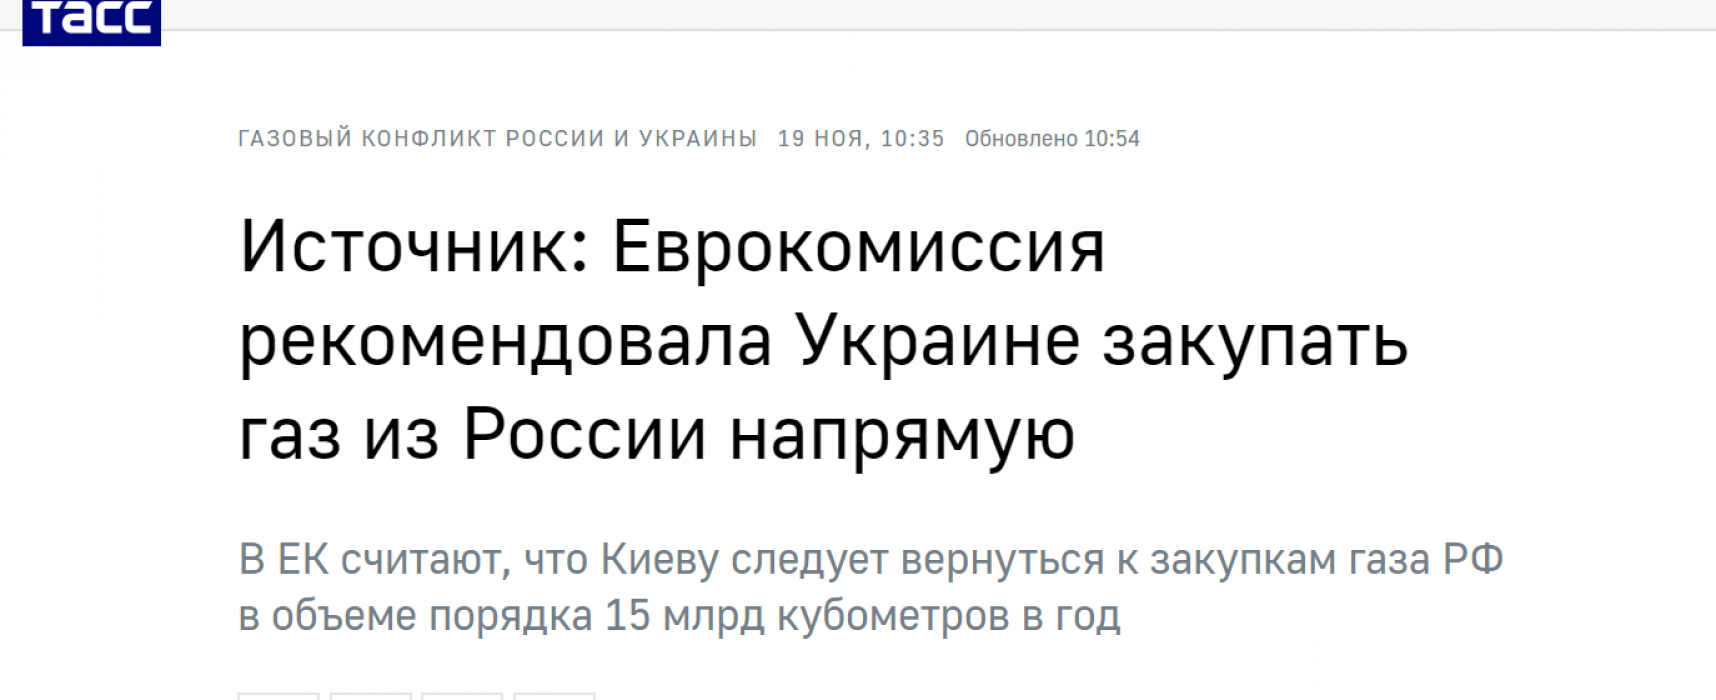 Фейк: Єврокомісія рекомендувала Україні закуповувати газ безпосередньо в Росії